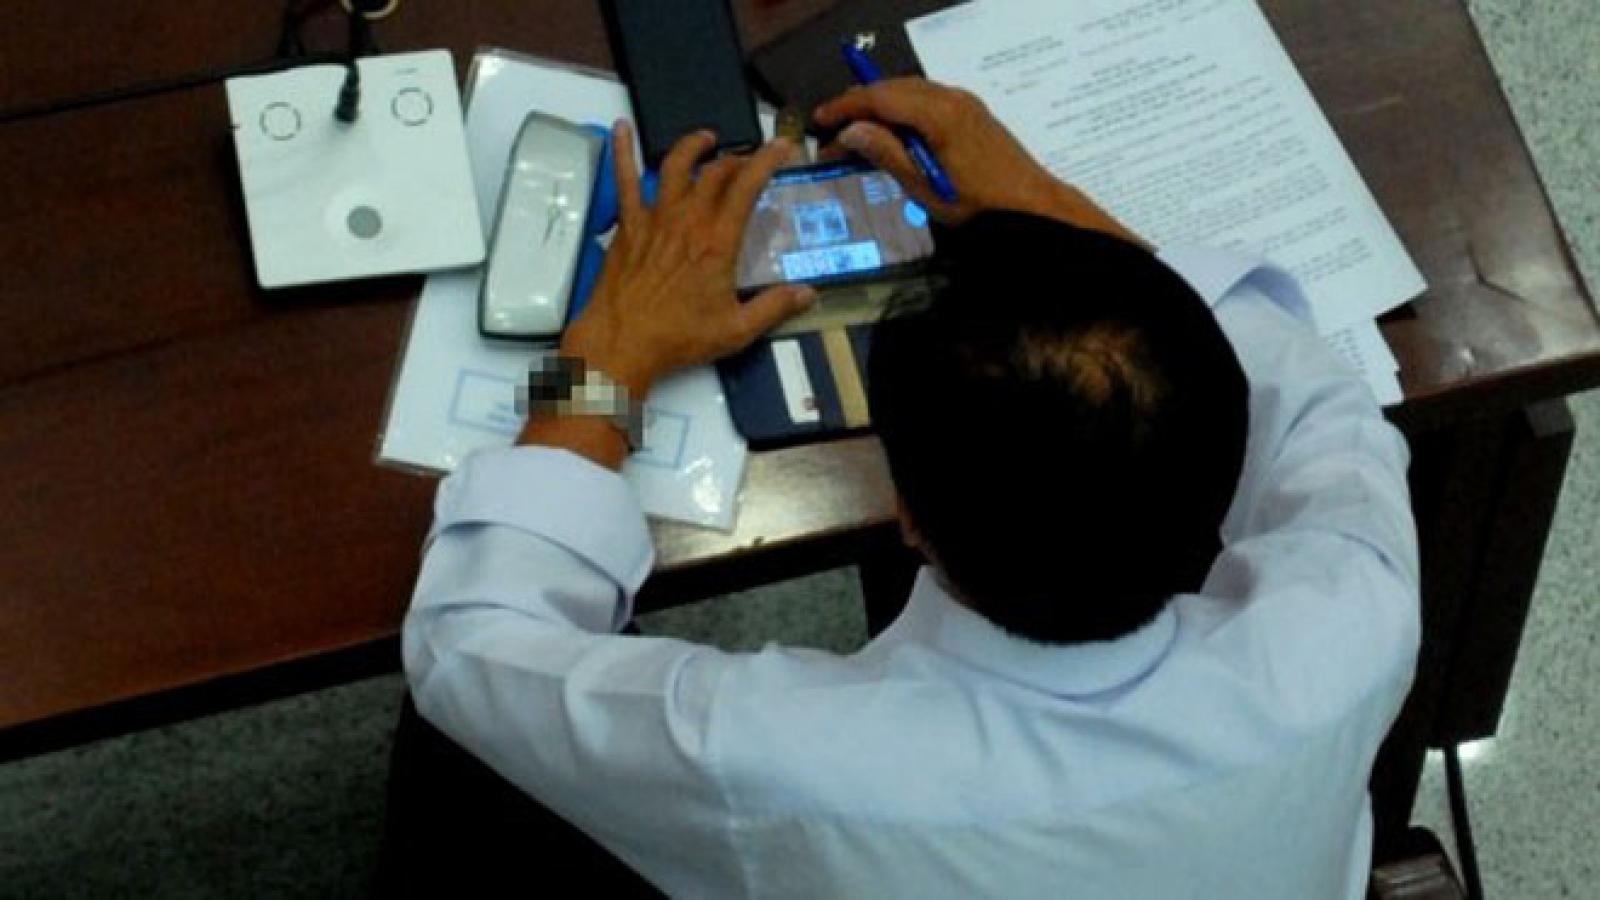 Bộ Nội vụ quy định công chức, viên chức không chơi điện tử, nghe nhạc trong giờ làm việc